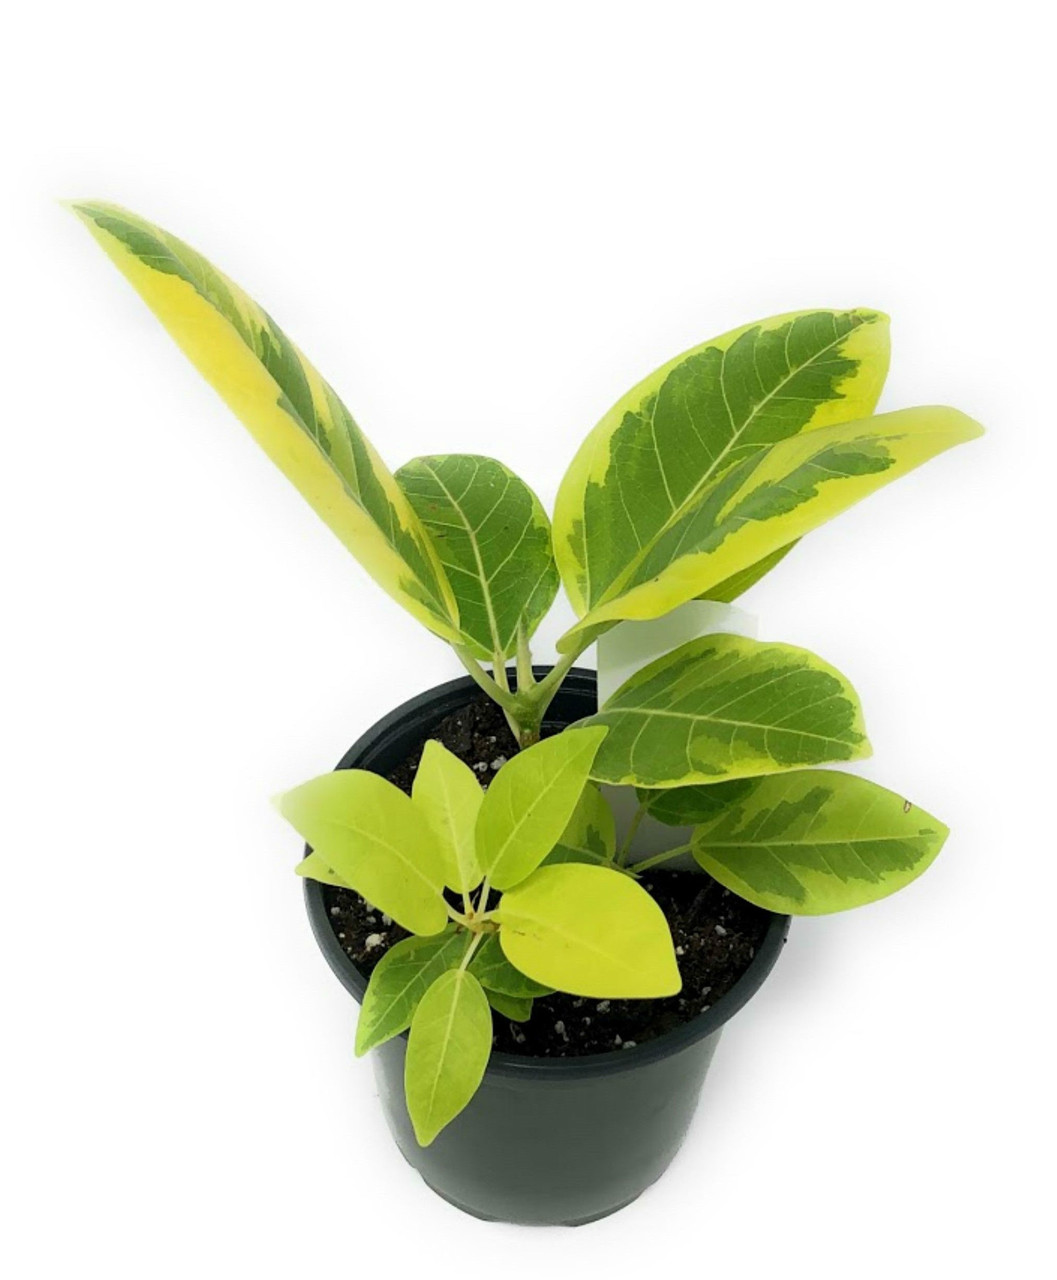 Flowerpotnursery Golden Gem Rubber Plant Ficus Altissima Golden Gem 4 Pot The Flower Pot Nursery